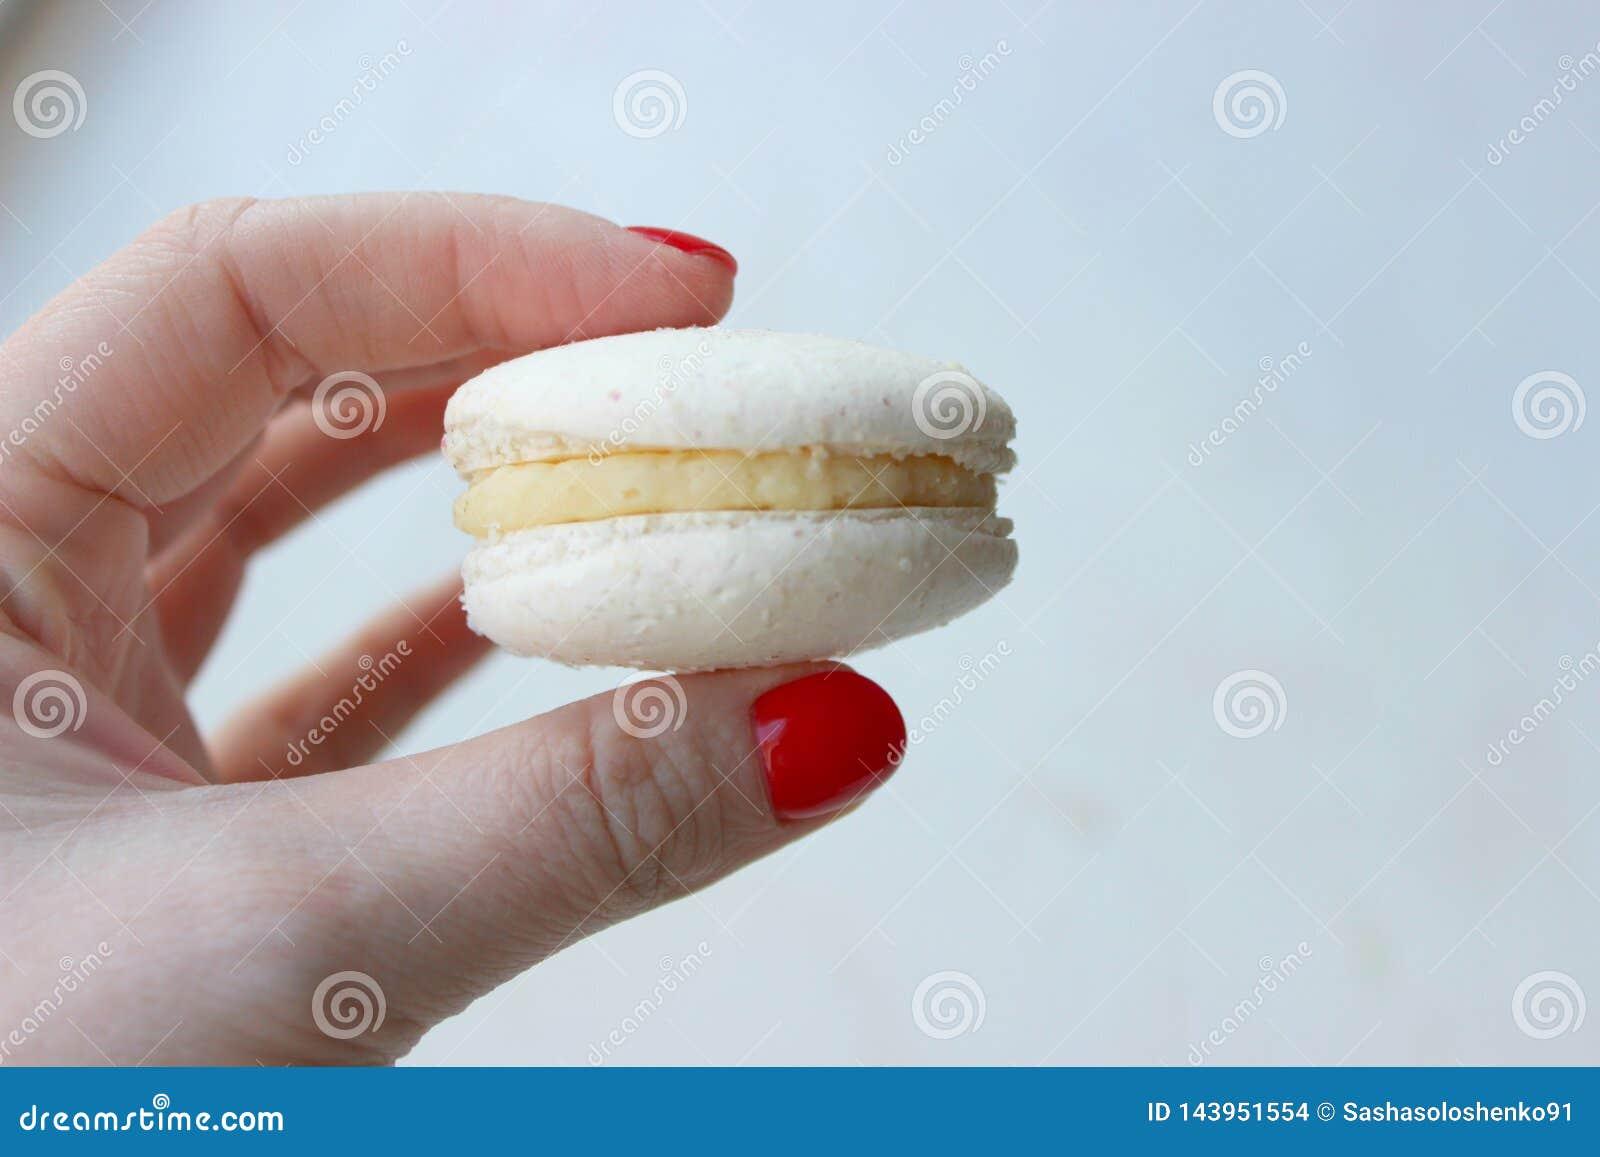 Bolo na mão da menina em um fundo claro, close-up do macarrão